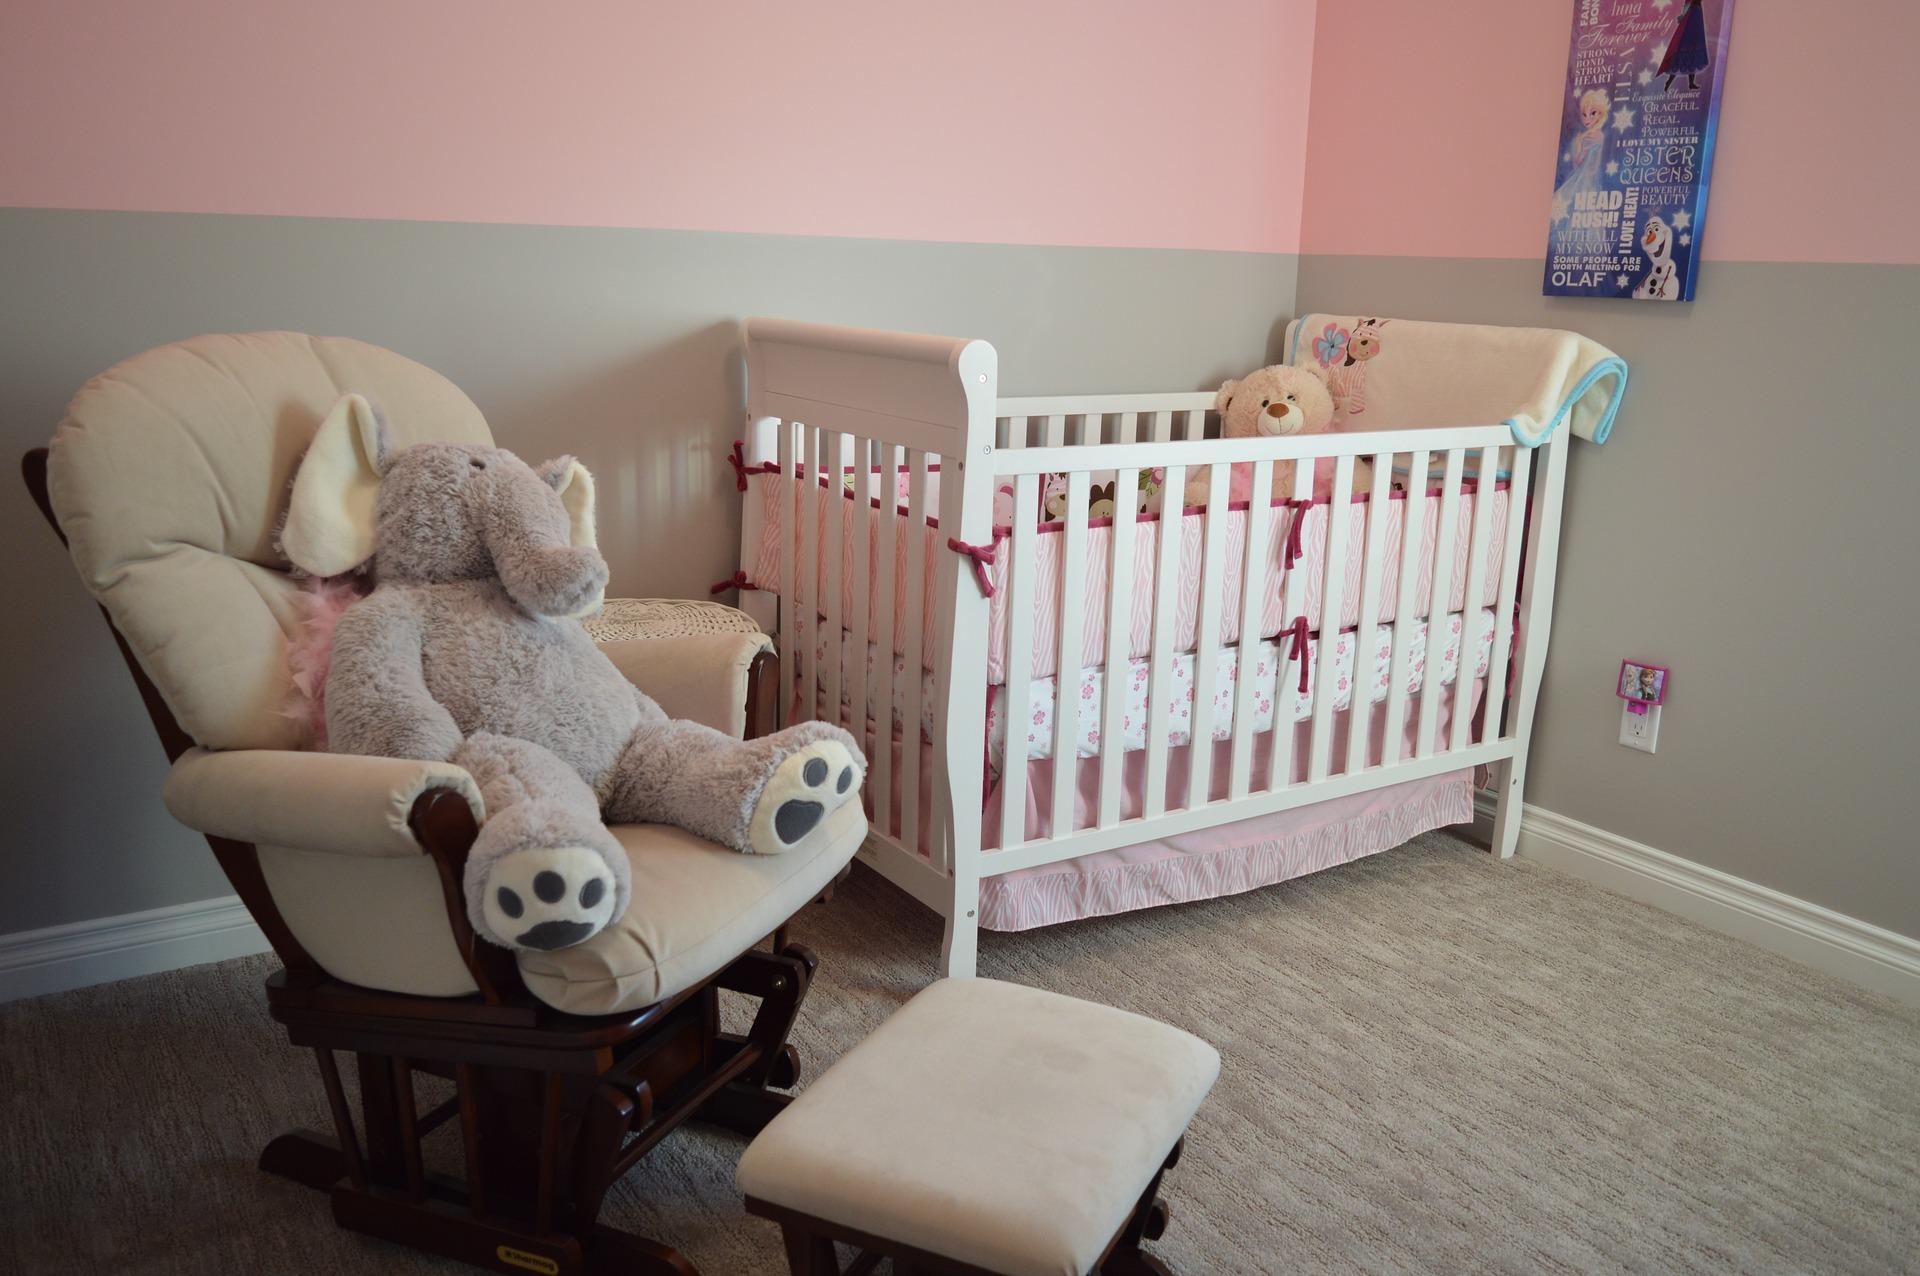 nursery-1078923_1920.jpg